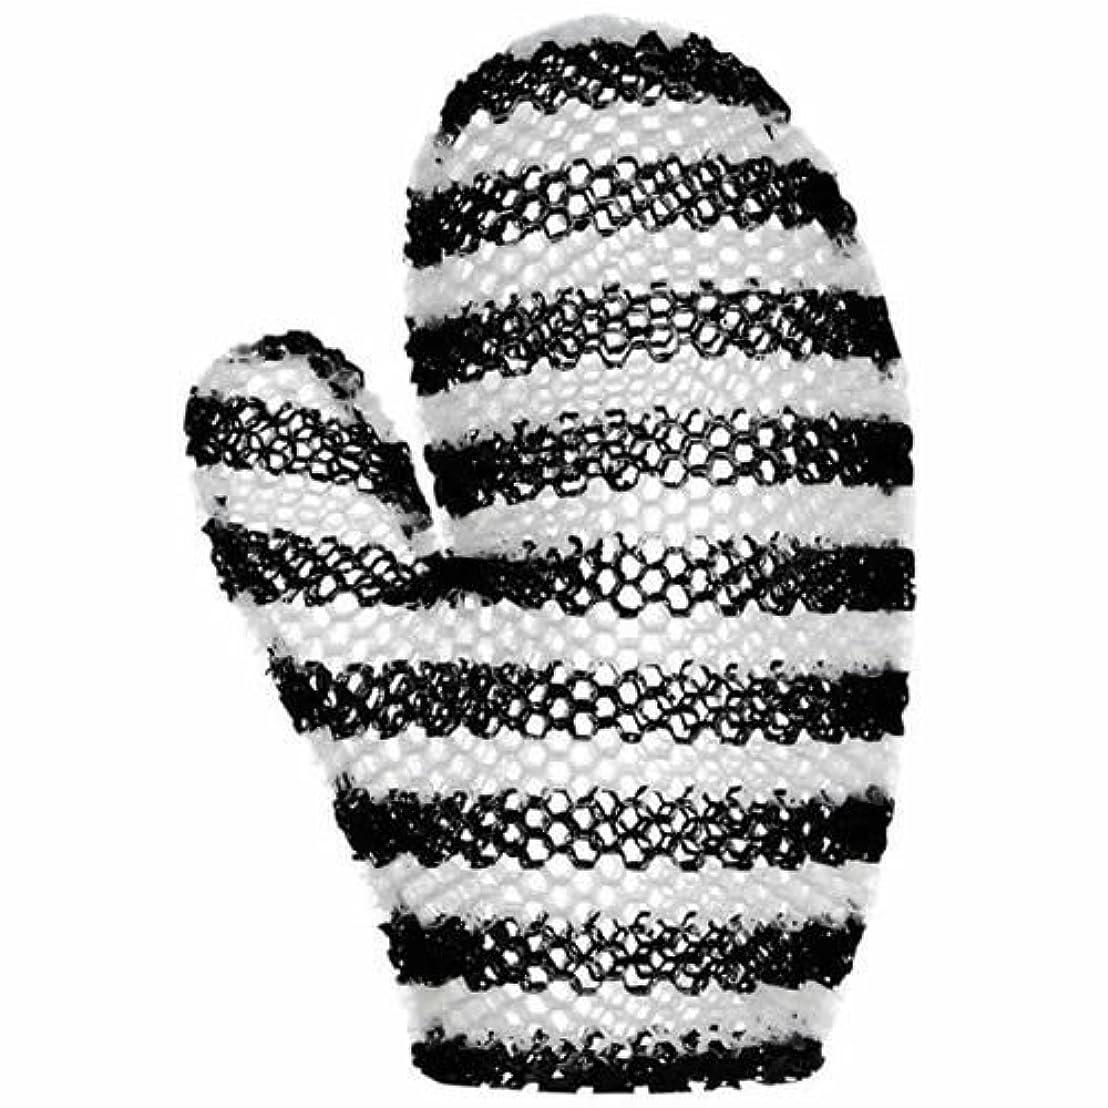 田舎拡声器温帯スプラコール ハニカム(ミット) ブラック&ホワイト